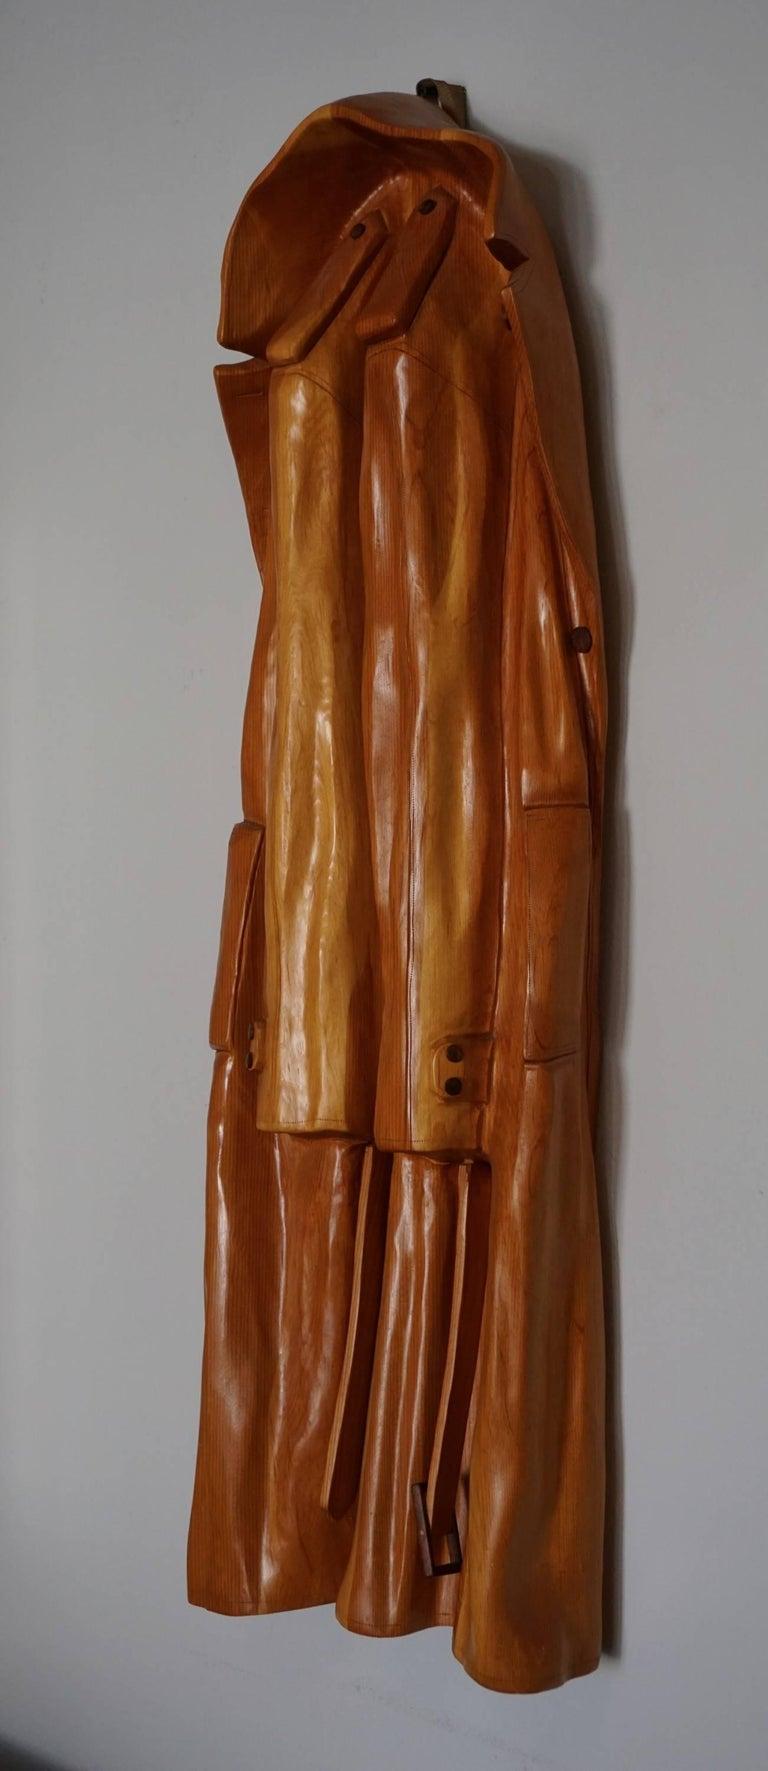 Pop Art Raincoat Sculpture by Rene Megroz 2